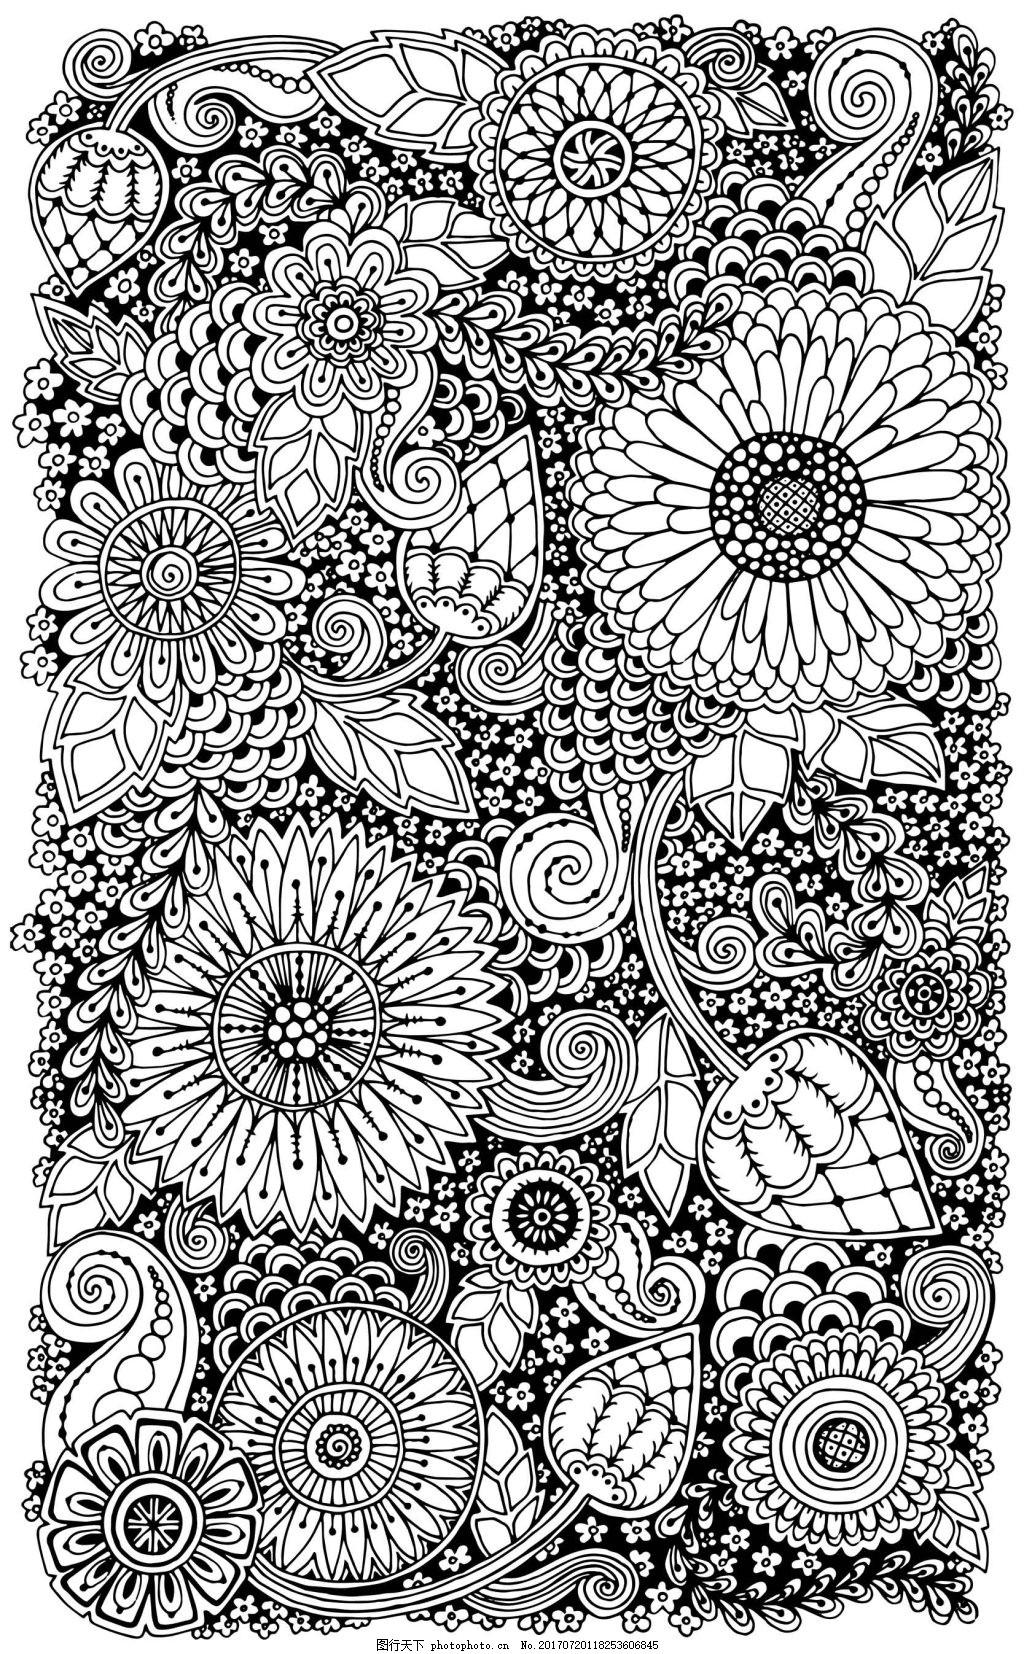 手绘涂鸦太阳花背景 黑白 叶子 花朵 植物 底纹